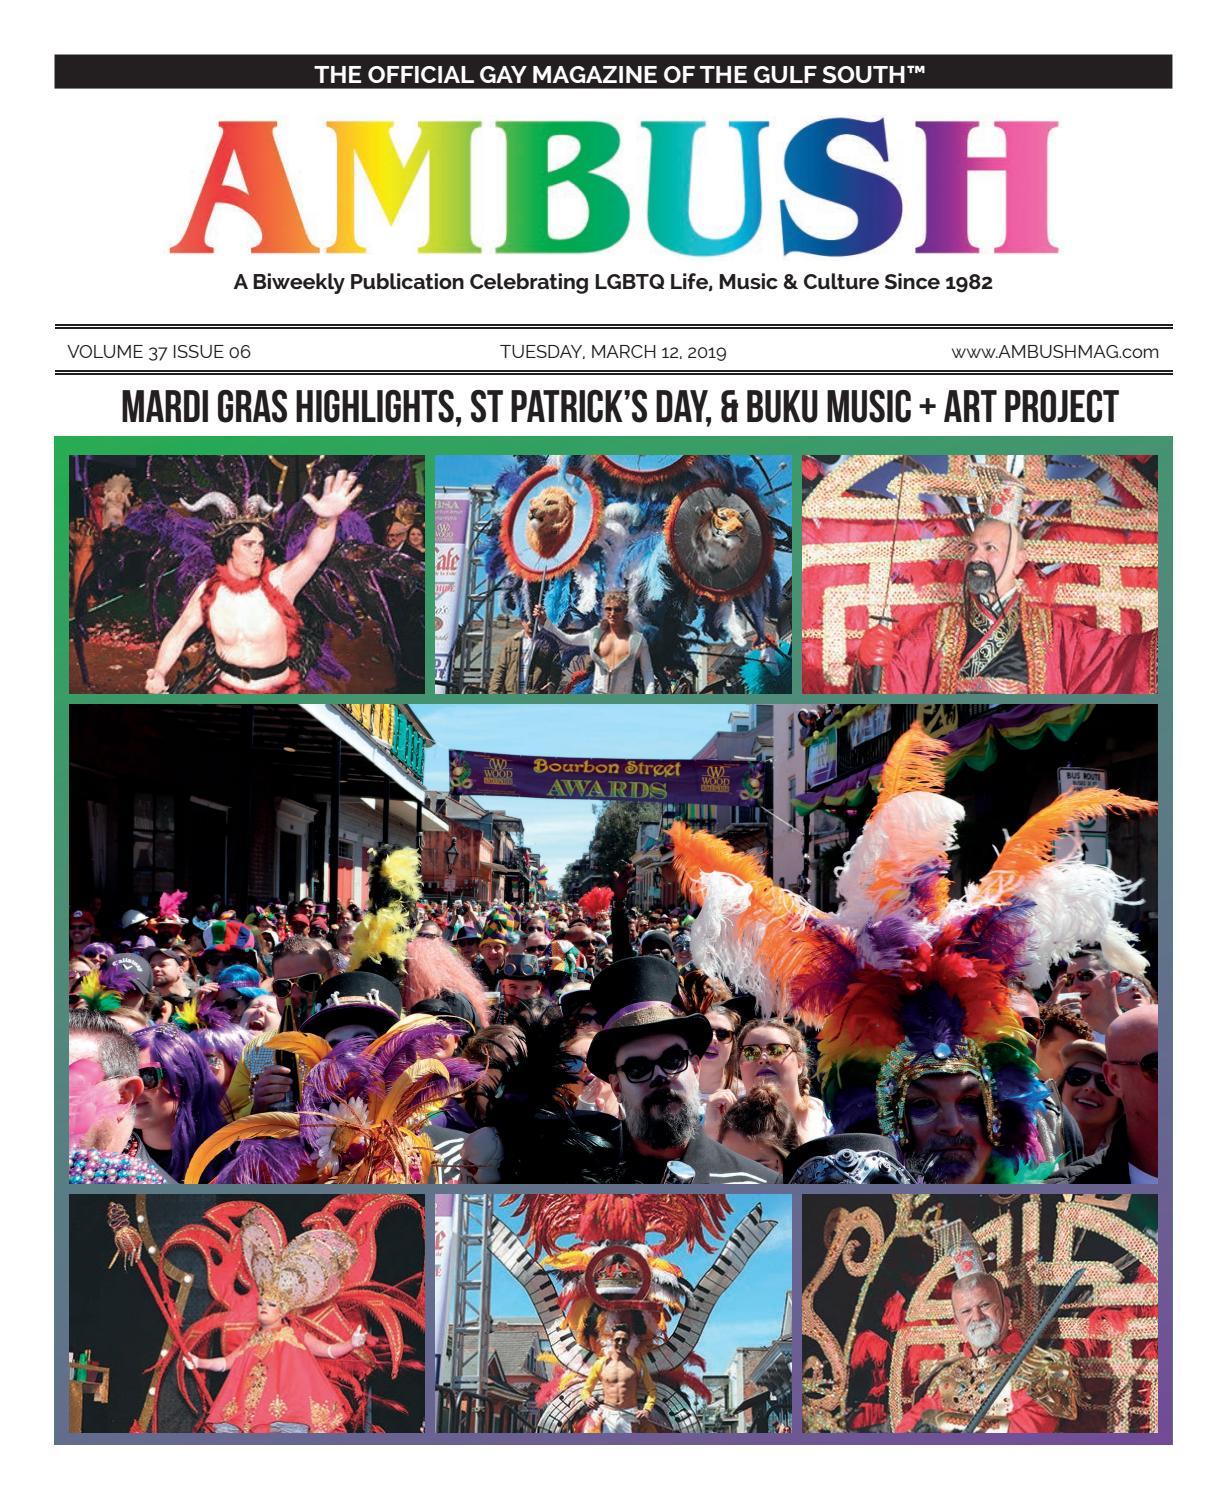 c86c8e8f31c42e Ambush Magazine Volume 37 Issue 06 by Ambush Publishing - issuu